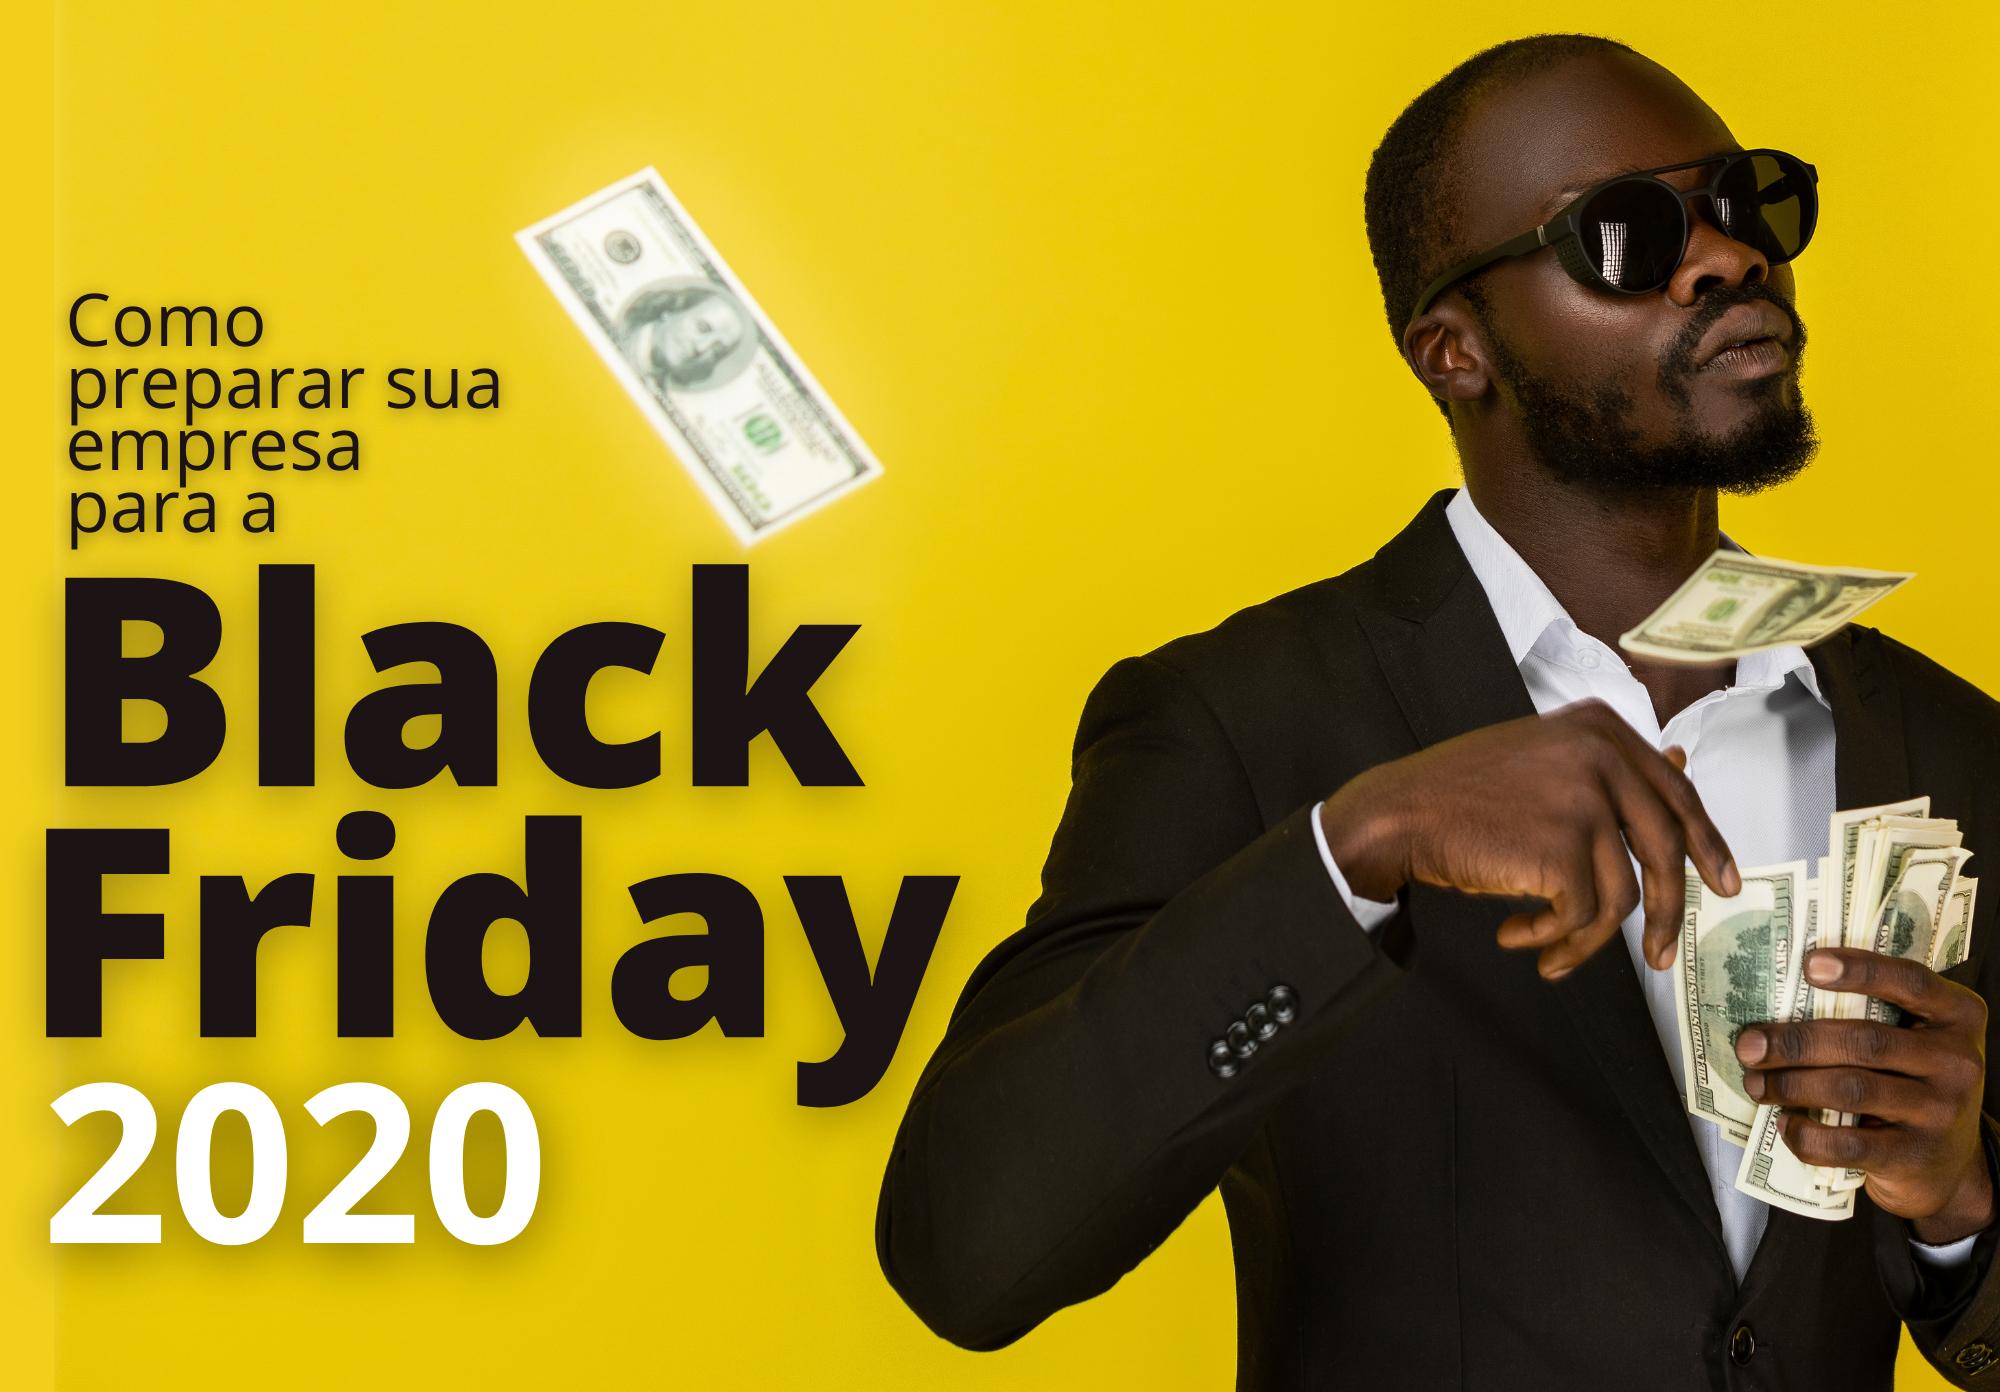 Black Friday 2020 Produção de Conteúdo